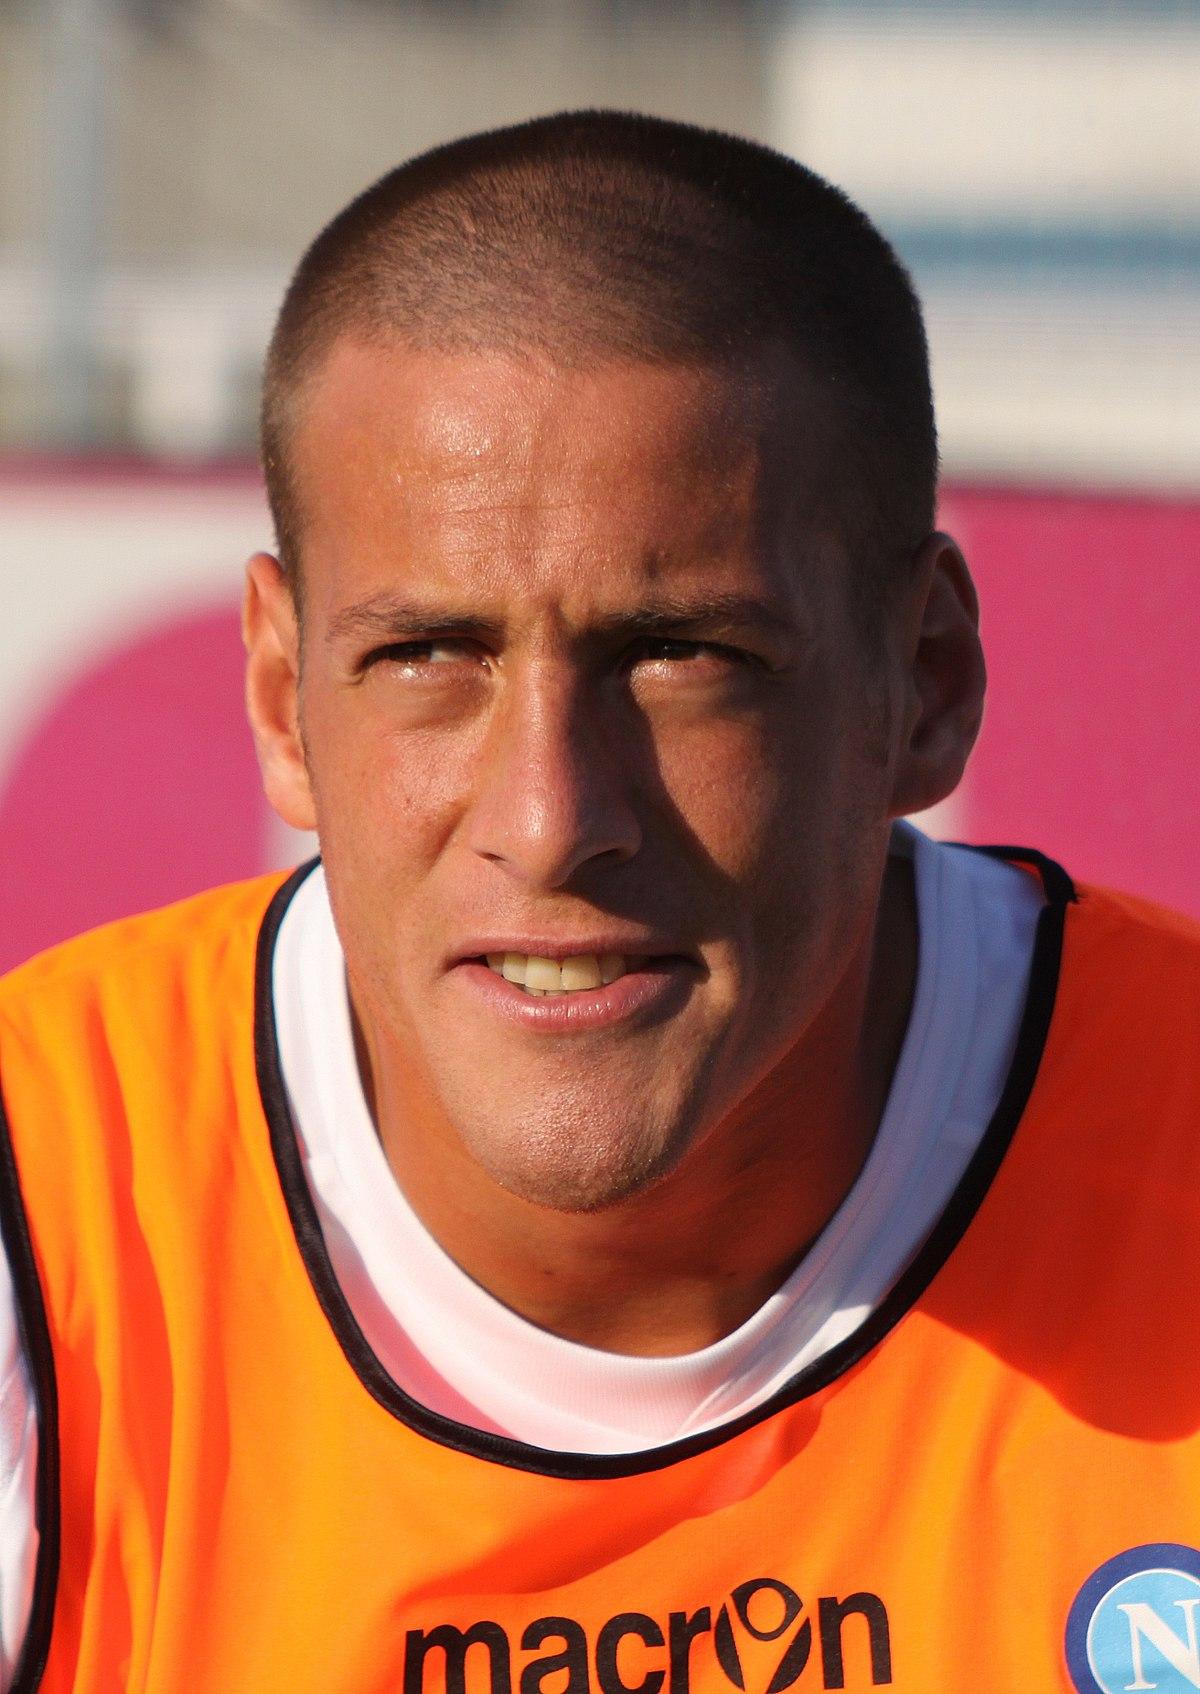 Germán Denis - Wikipedia